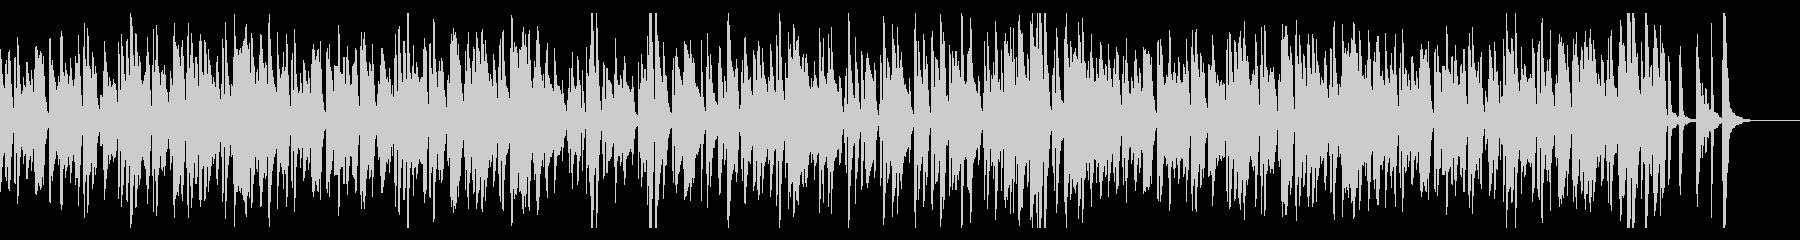 お洒落なジャズピアノトリオ24 ほのぼのの未再生の波形